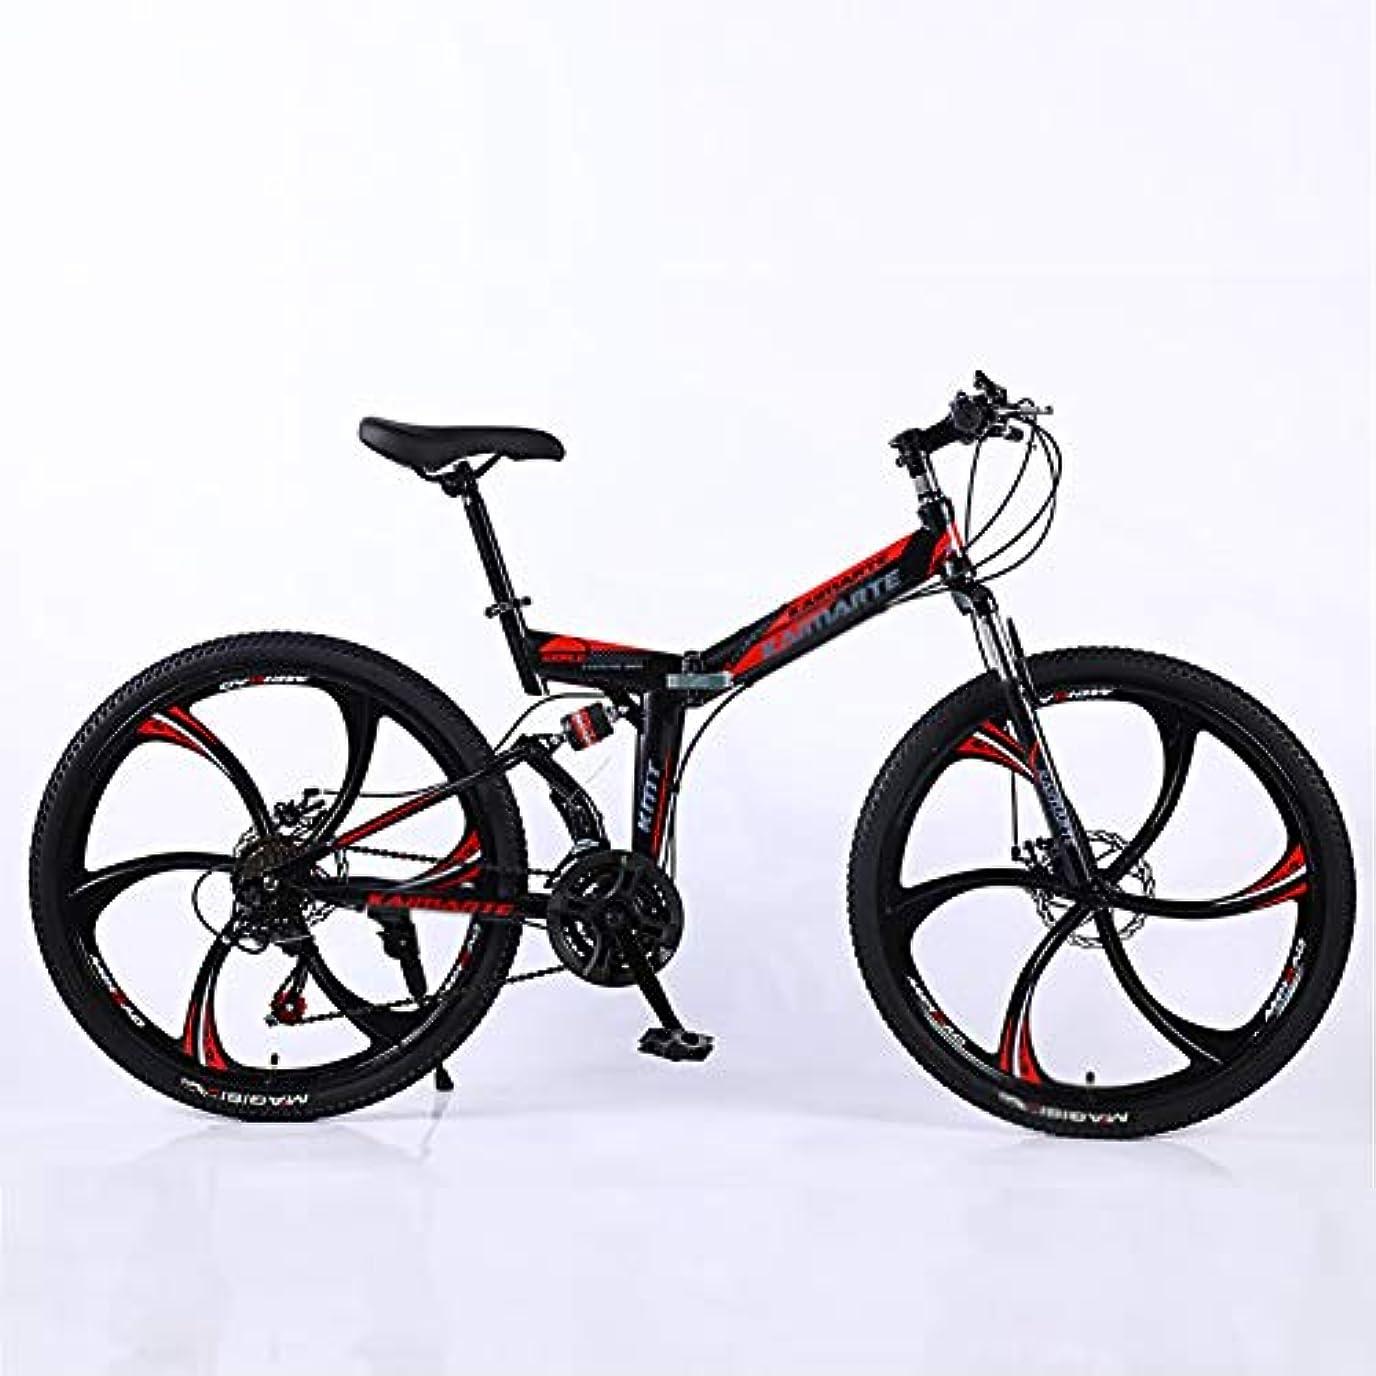 本物引き金訴える男性'S デュアルディスクブレーキ ハードテイル 自転車,クロス バイク を使用 調節可能な座席,26インチ クロスバイク,高-炭素鋼 フレーム